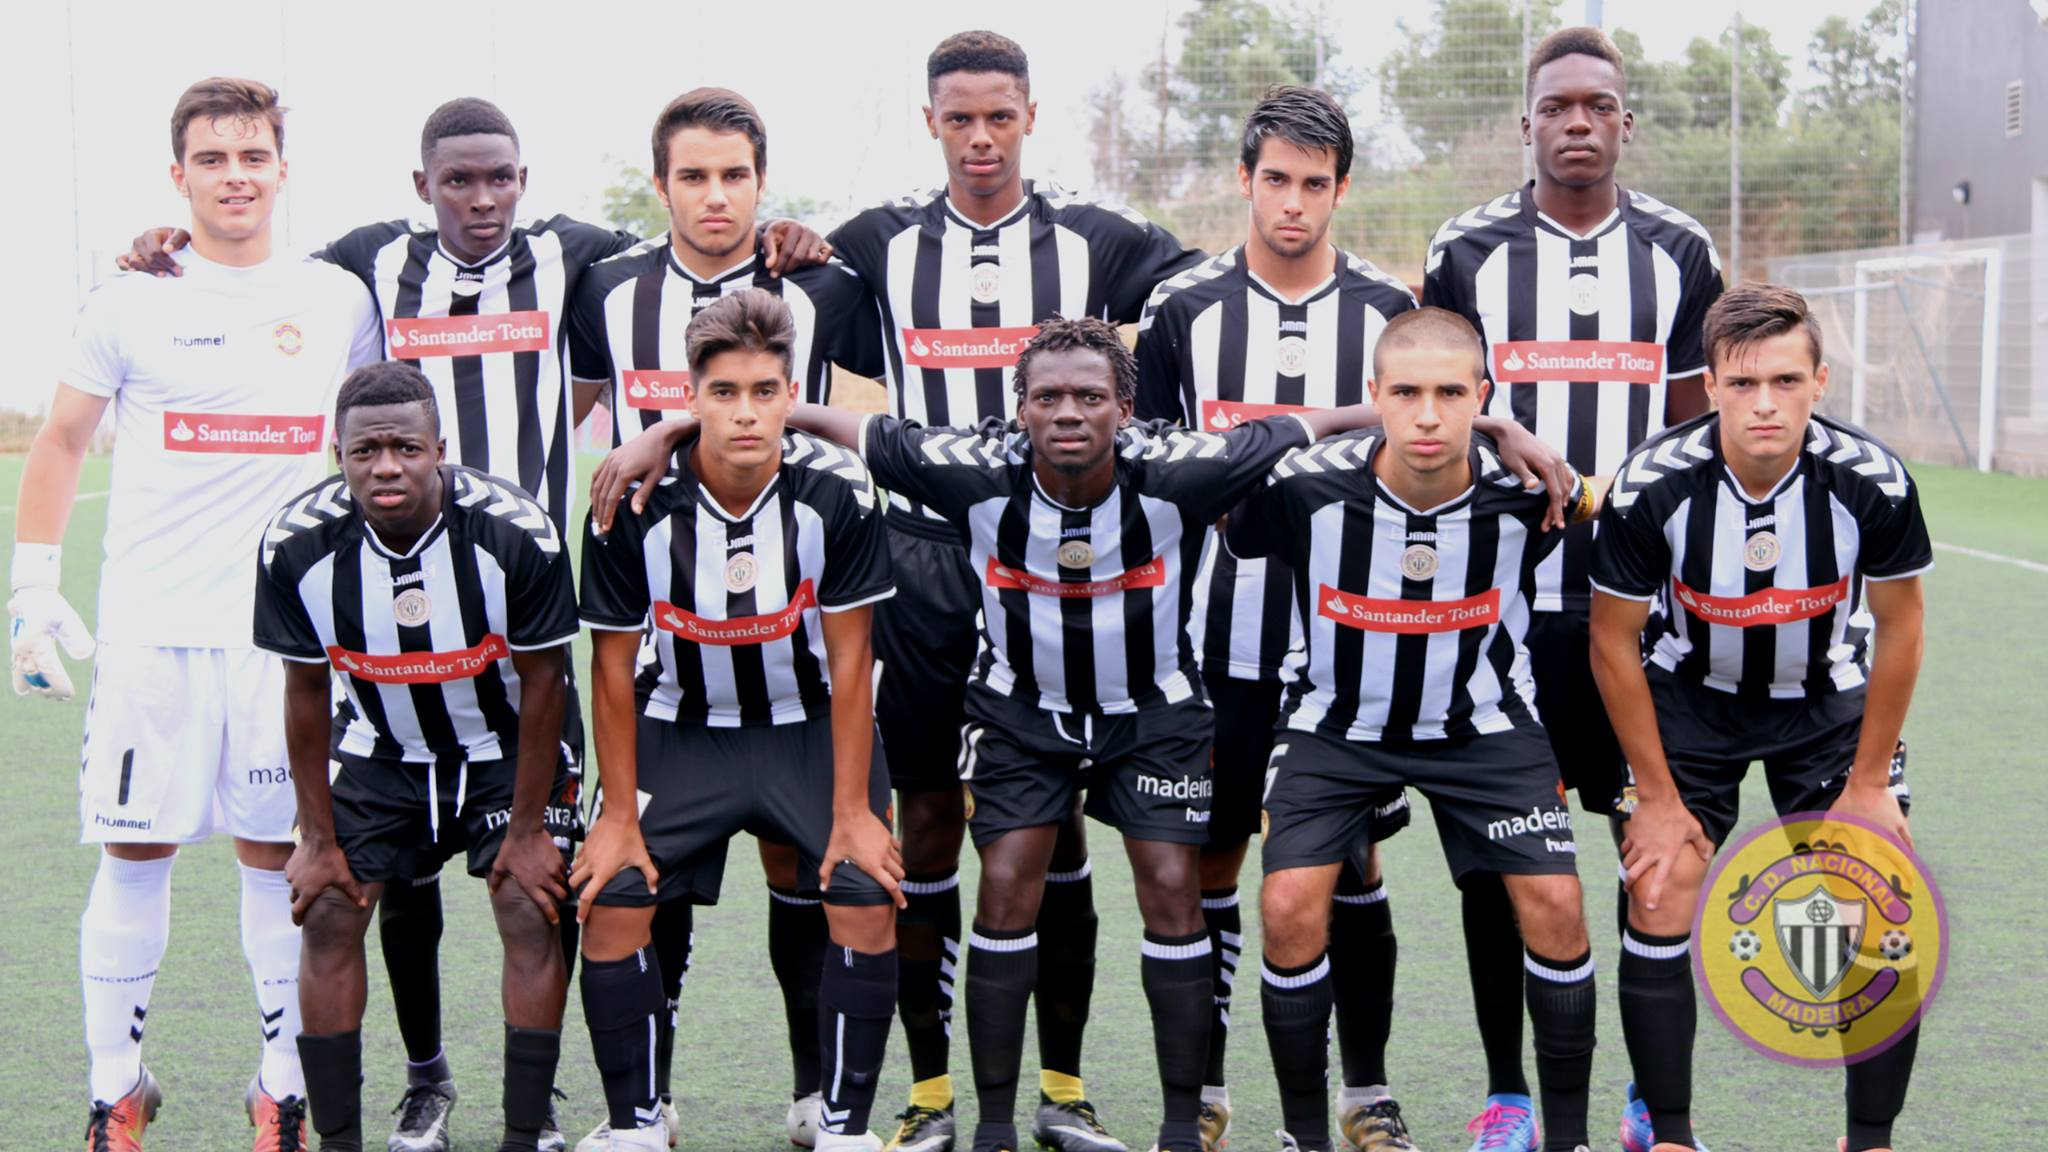 Feirense: Clube Desportivo Nacional Juniores Disputam Supertaça Hoje